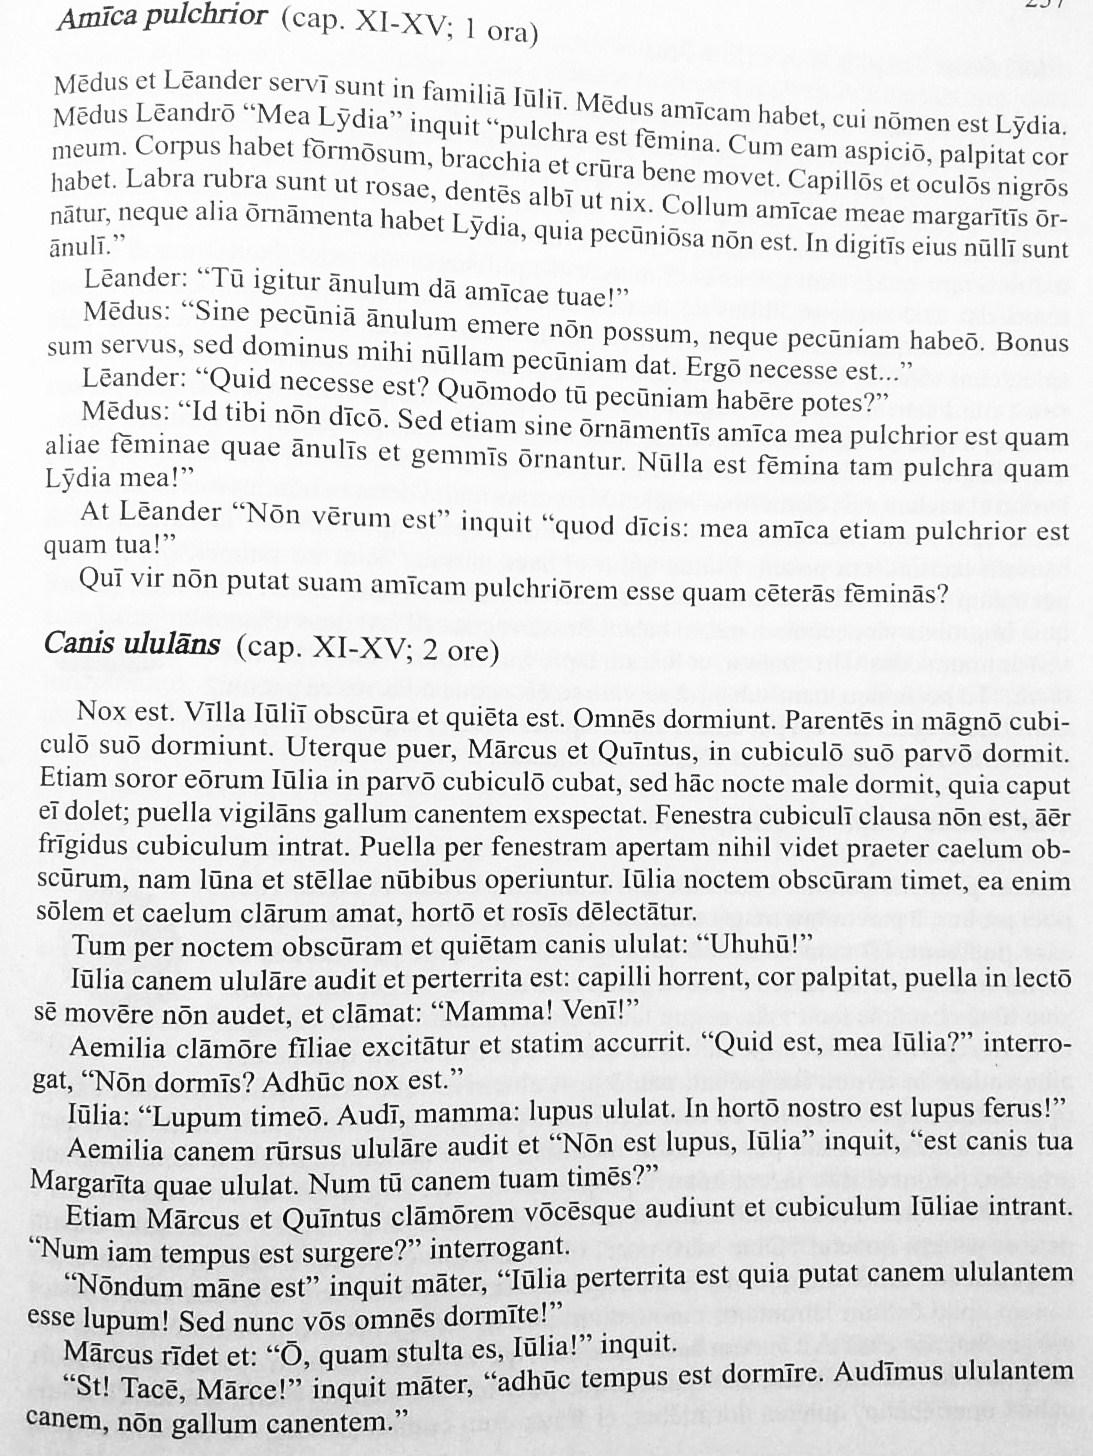 raccolta di frasi celebri e detti latini Saint